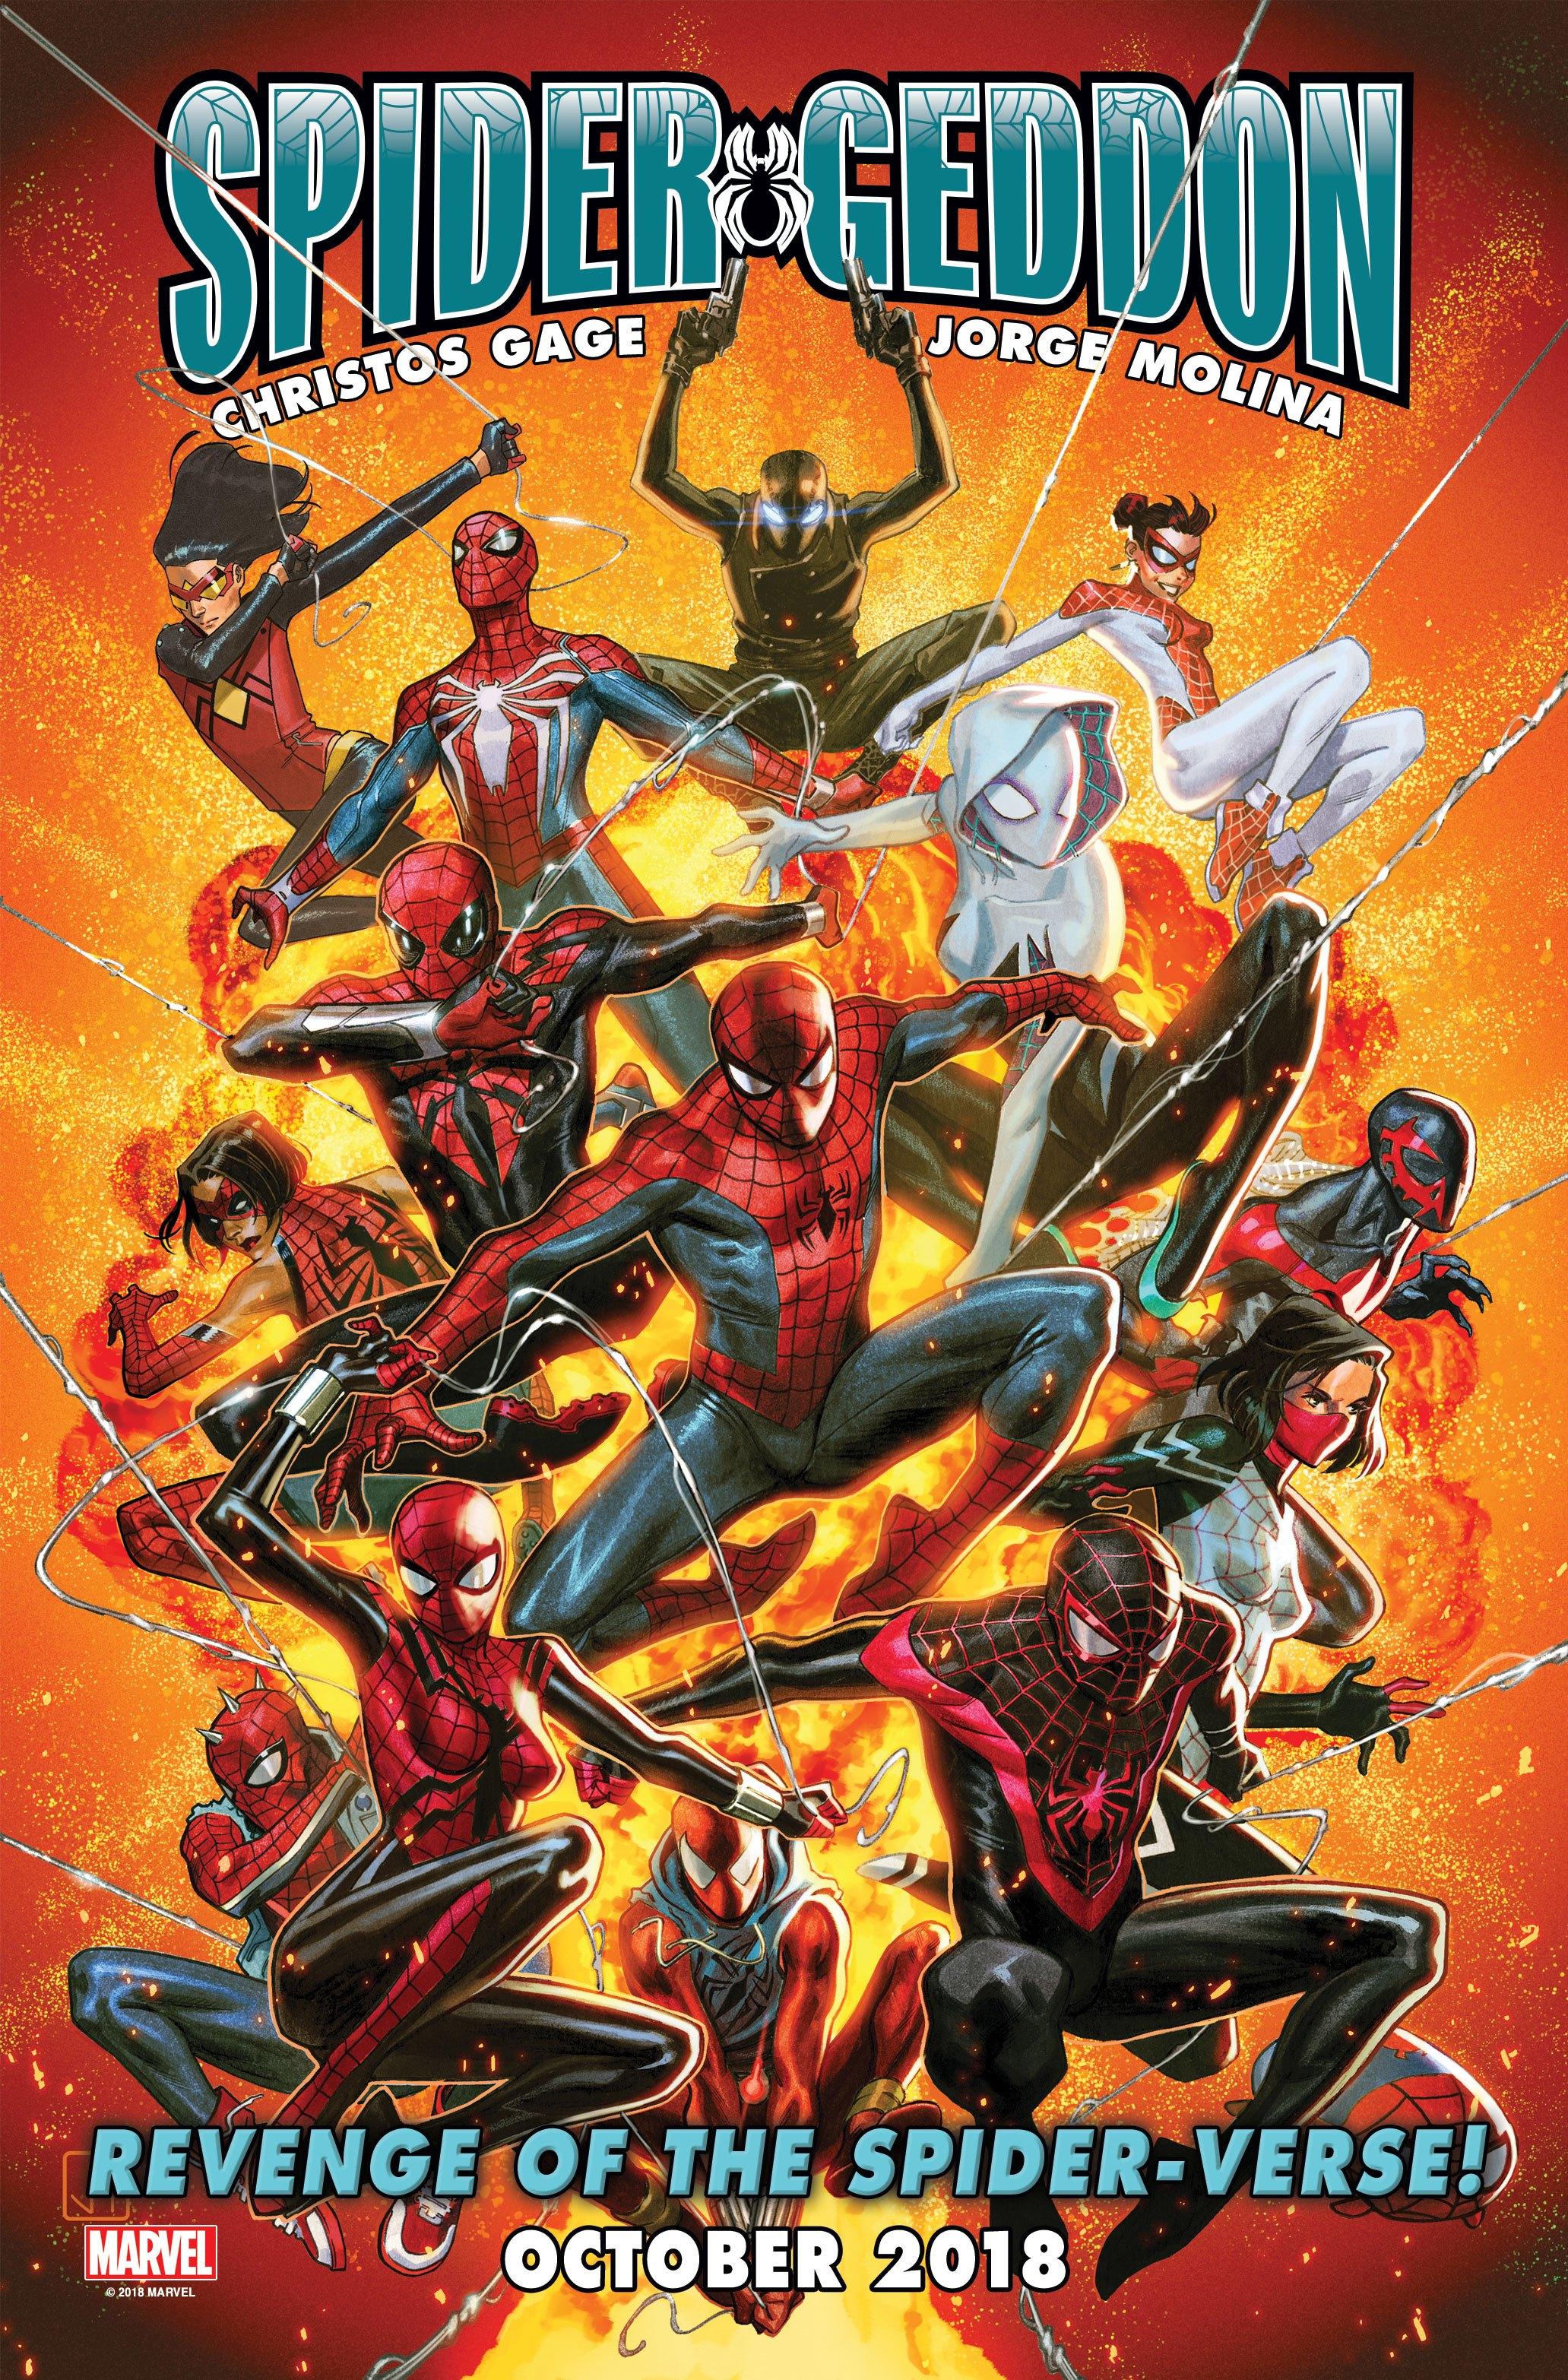 spidergeddon_revenge_teaser.jpg